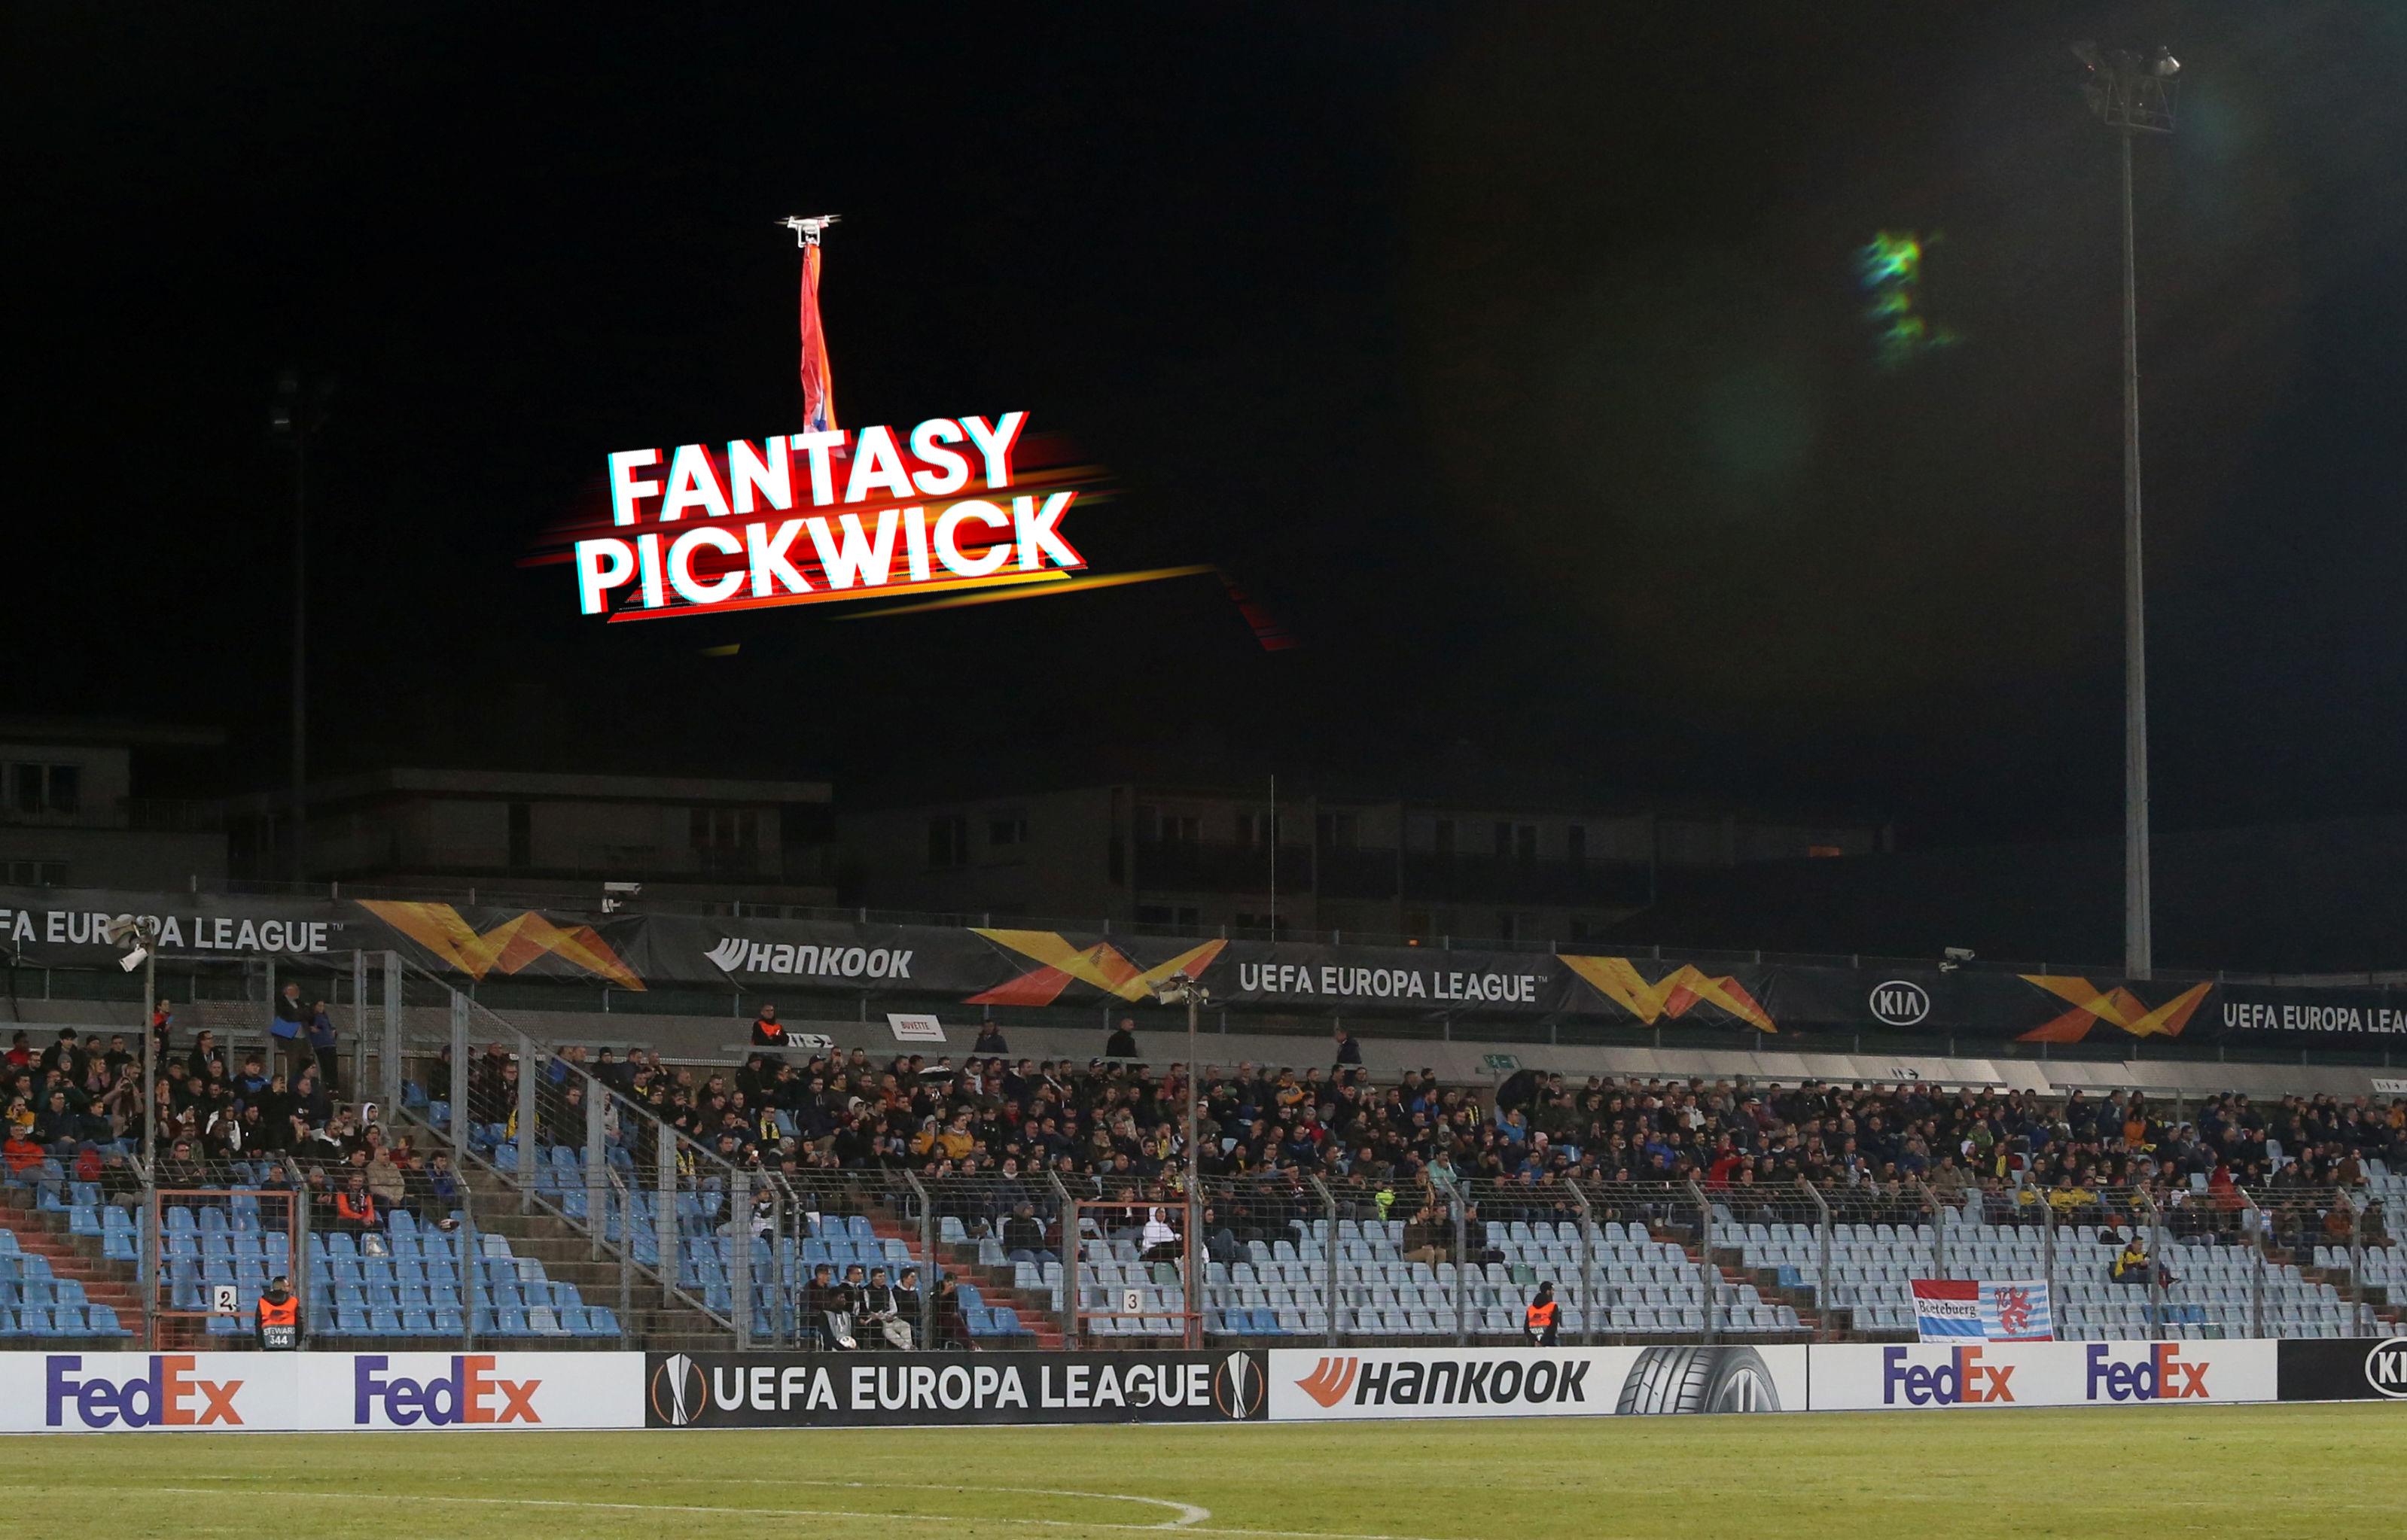 премьер-лига Россия, Лига Европы УЕФА, Интер, Лига чемпионов УЕФА, Локомотив